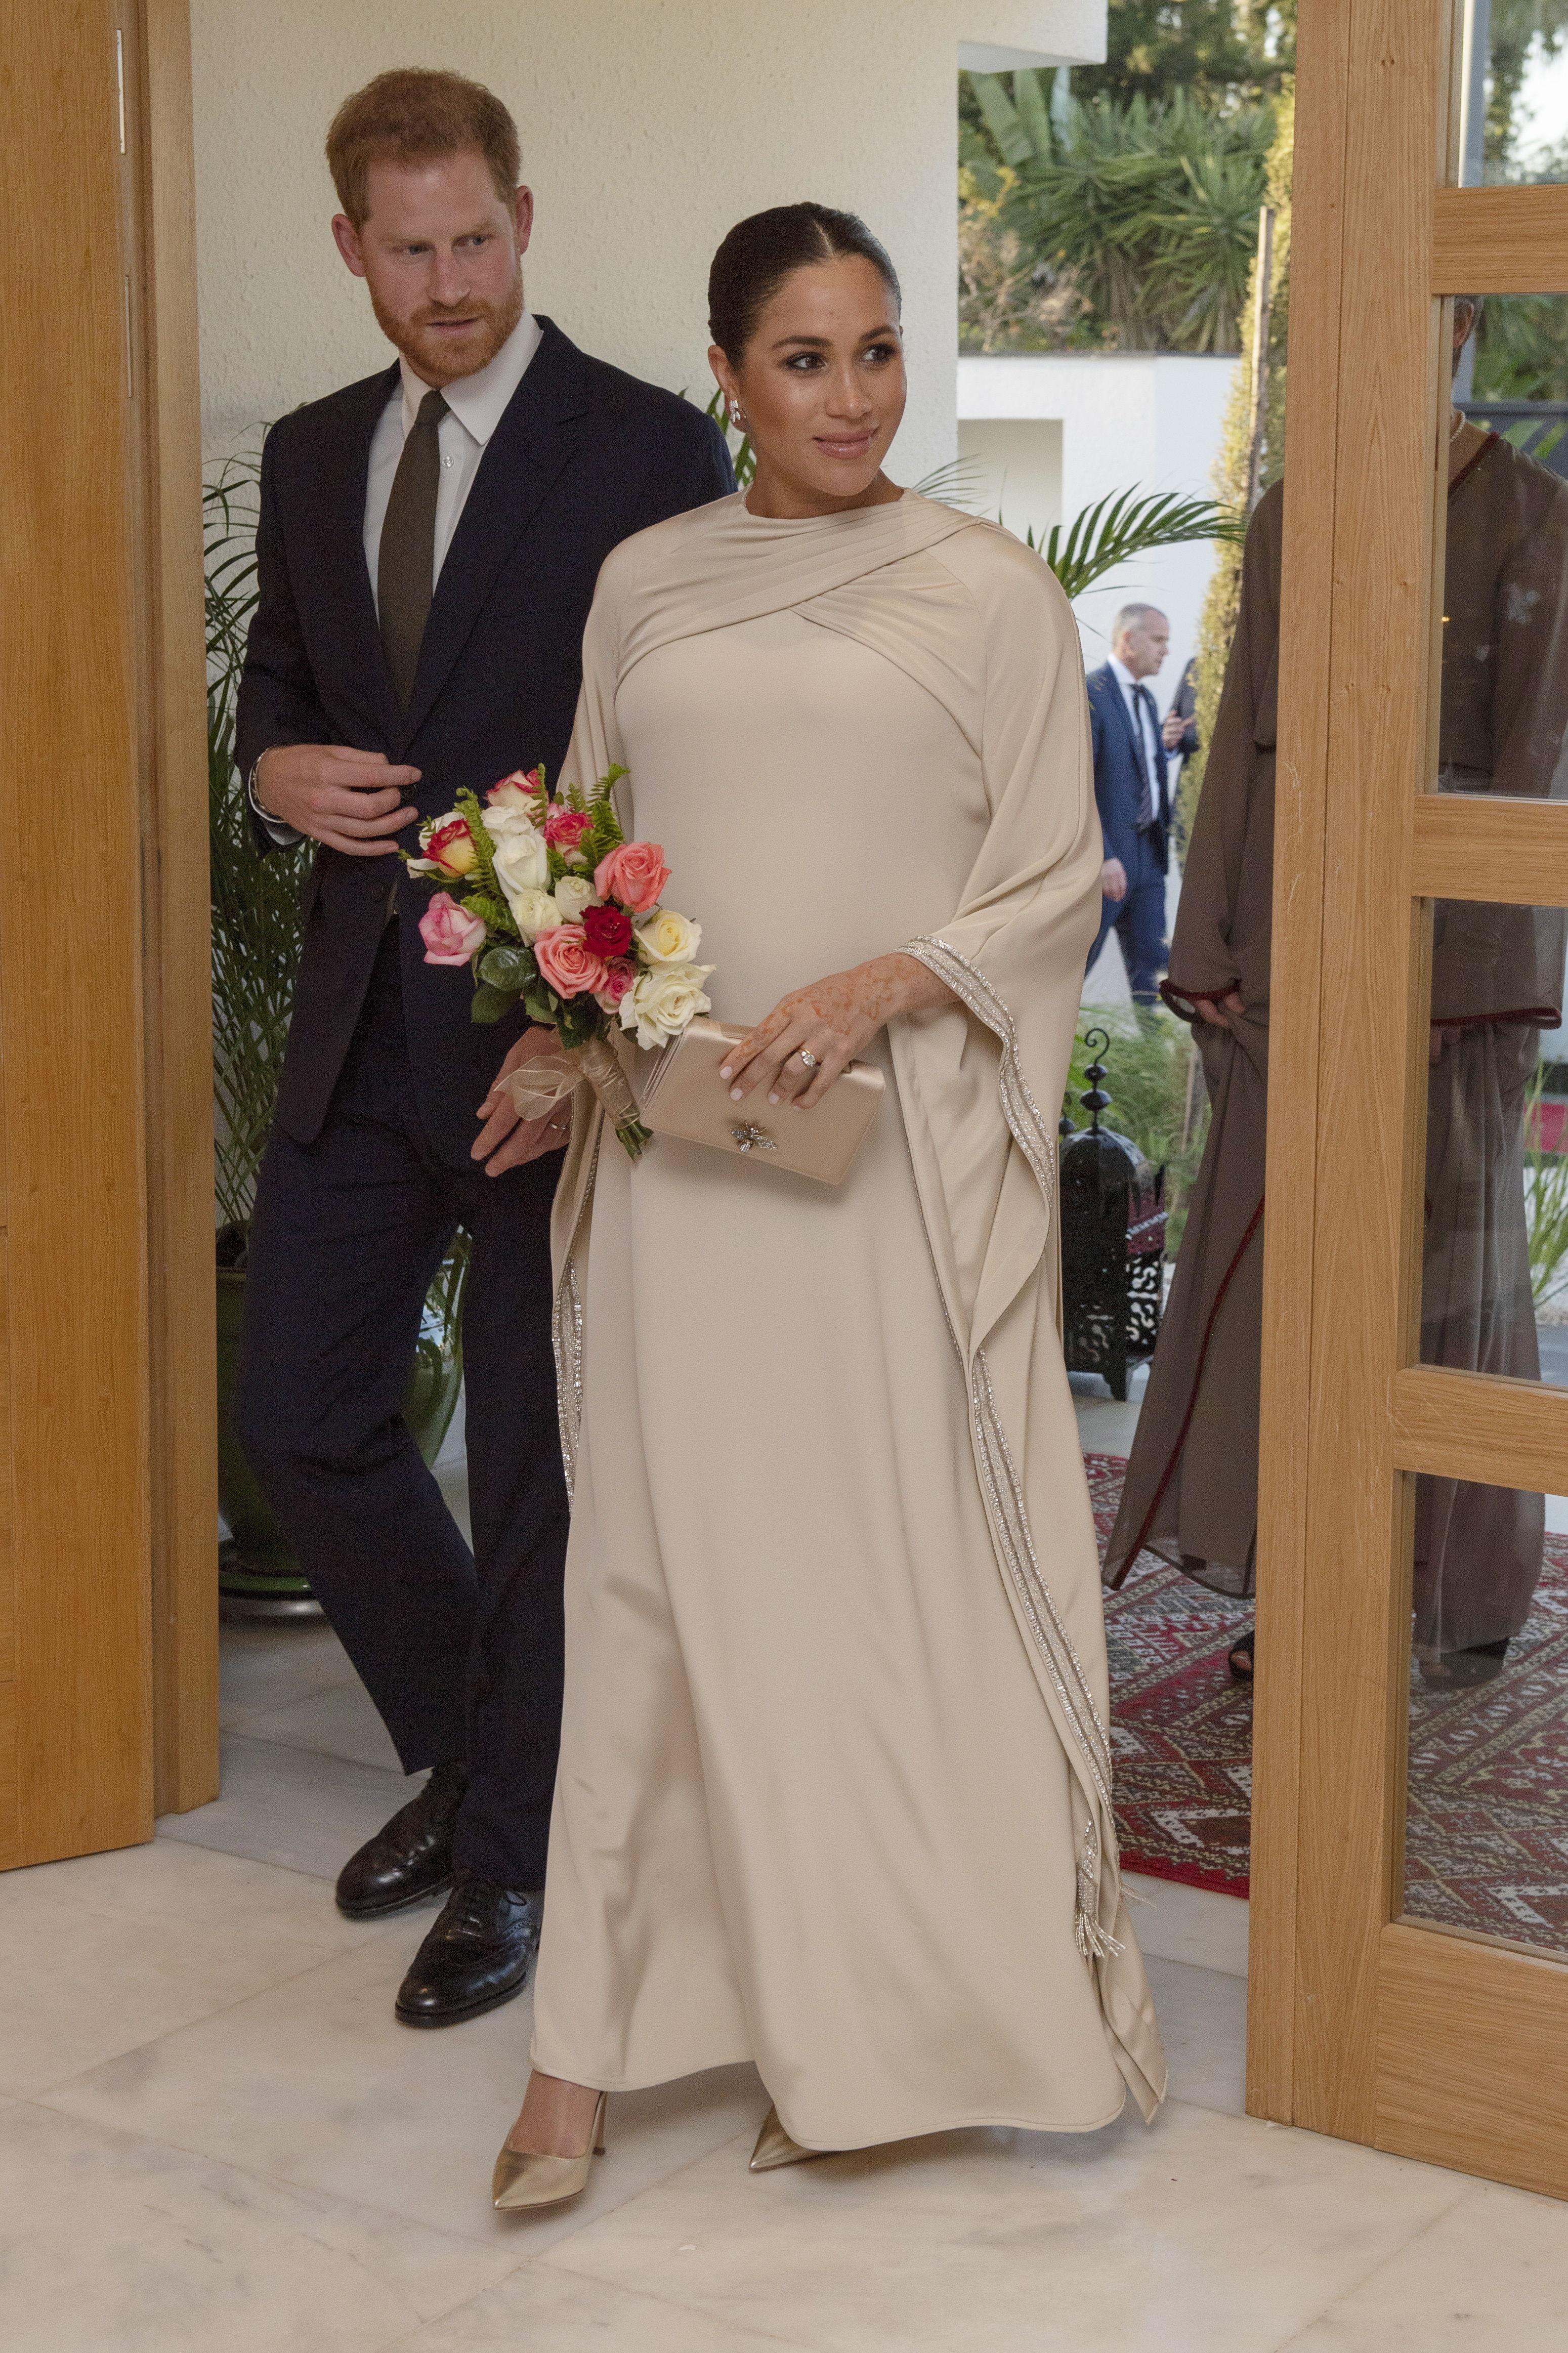 En febrero, durante la visita a Marruecos, la duquesa seleccionó un vestido largo, tipo caftán, de la casa de moda Dior, para asistir a la recepción del embajador británico en la ciudad de Rabat. (Archivo)